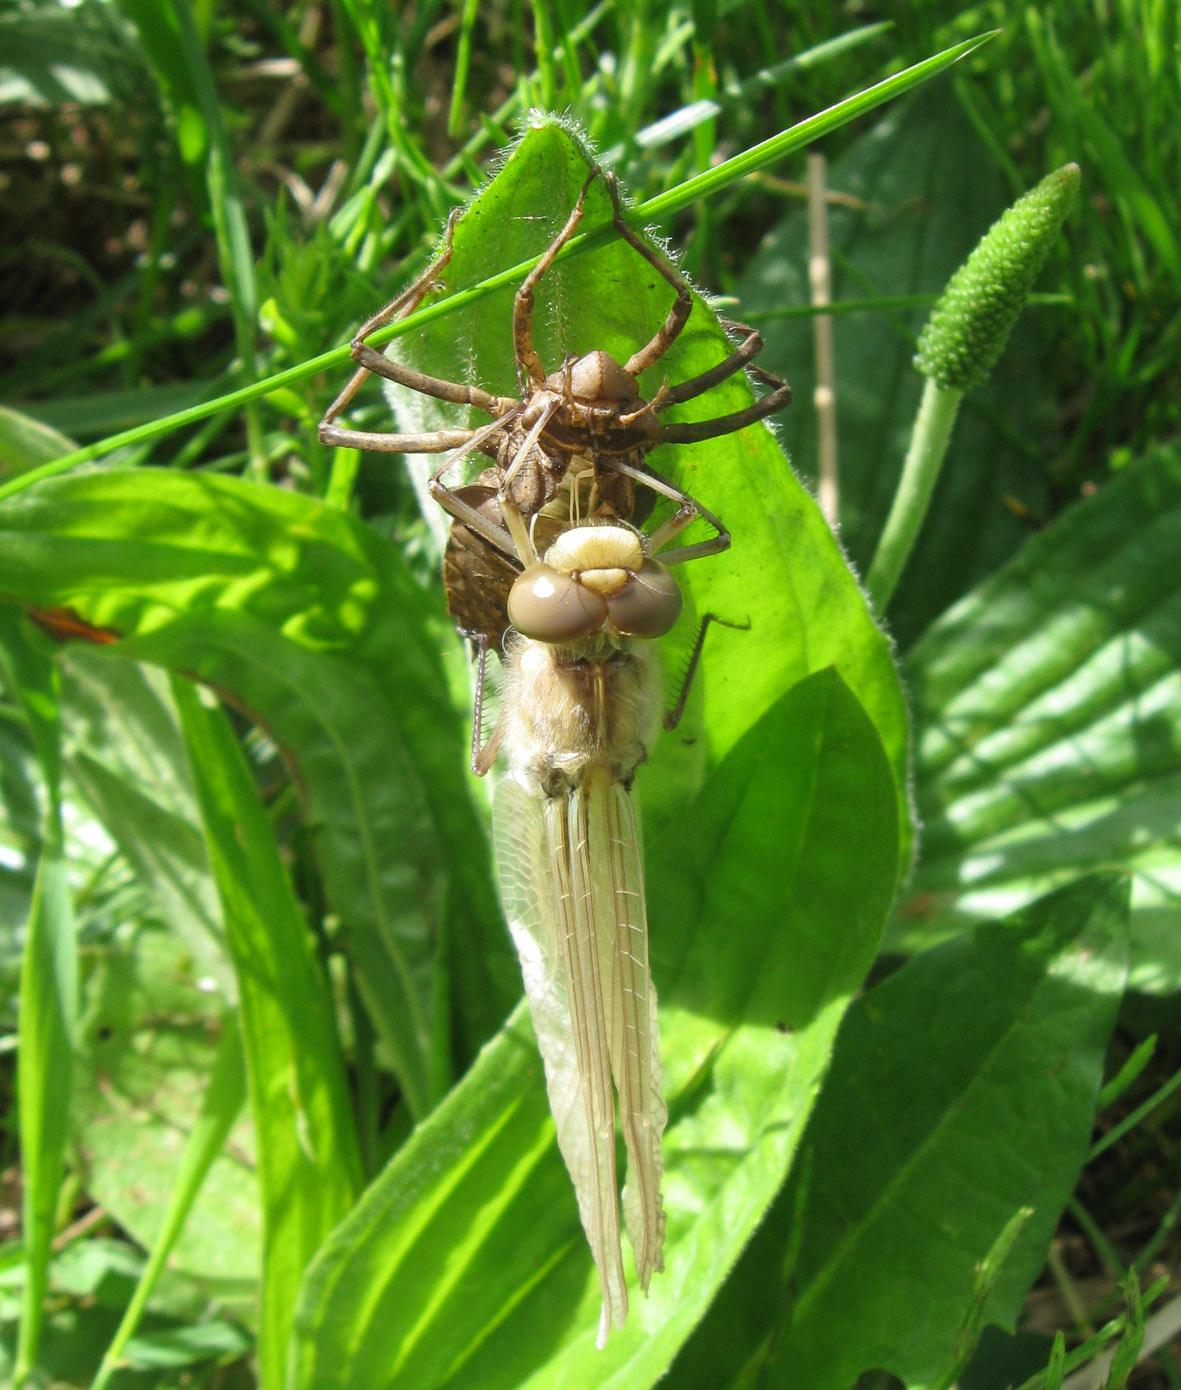 Плоскобрюх четырёхпятнистый (Libellula quadrimaculata). Автор: Олег Селиверстов